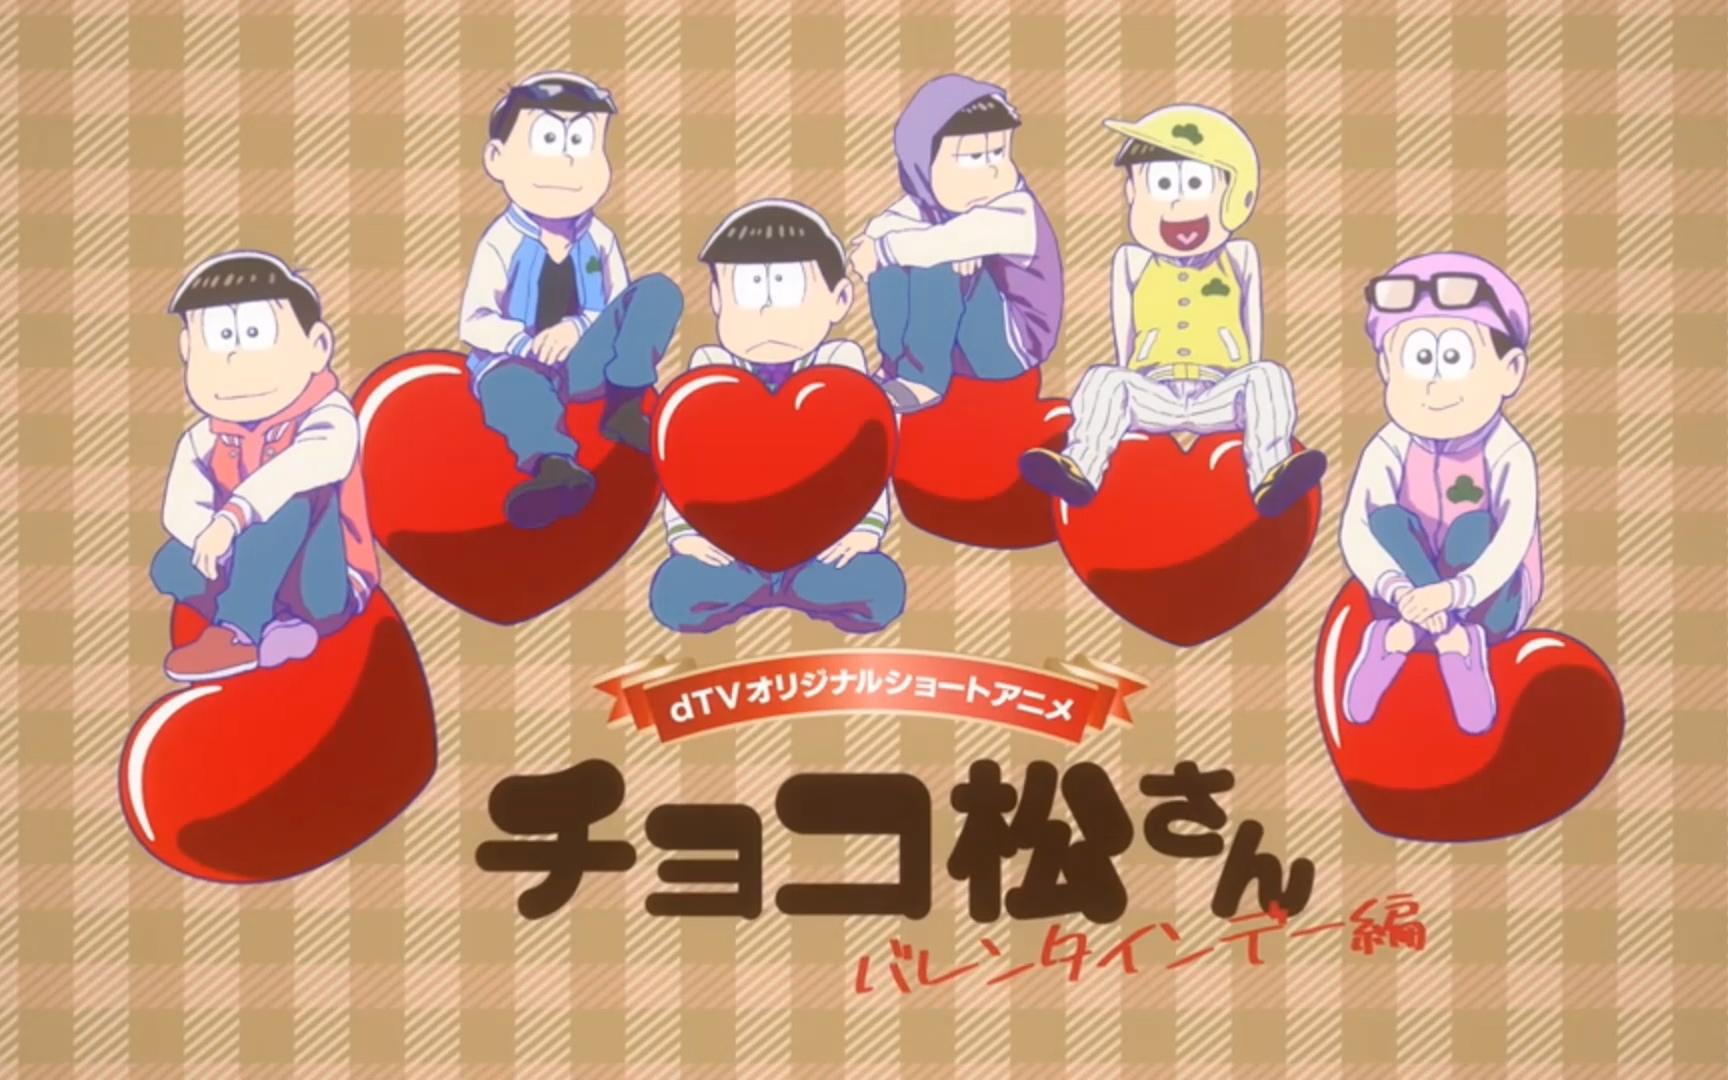 【阿松】「巧克力松」情人节特别篇